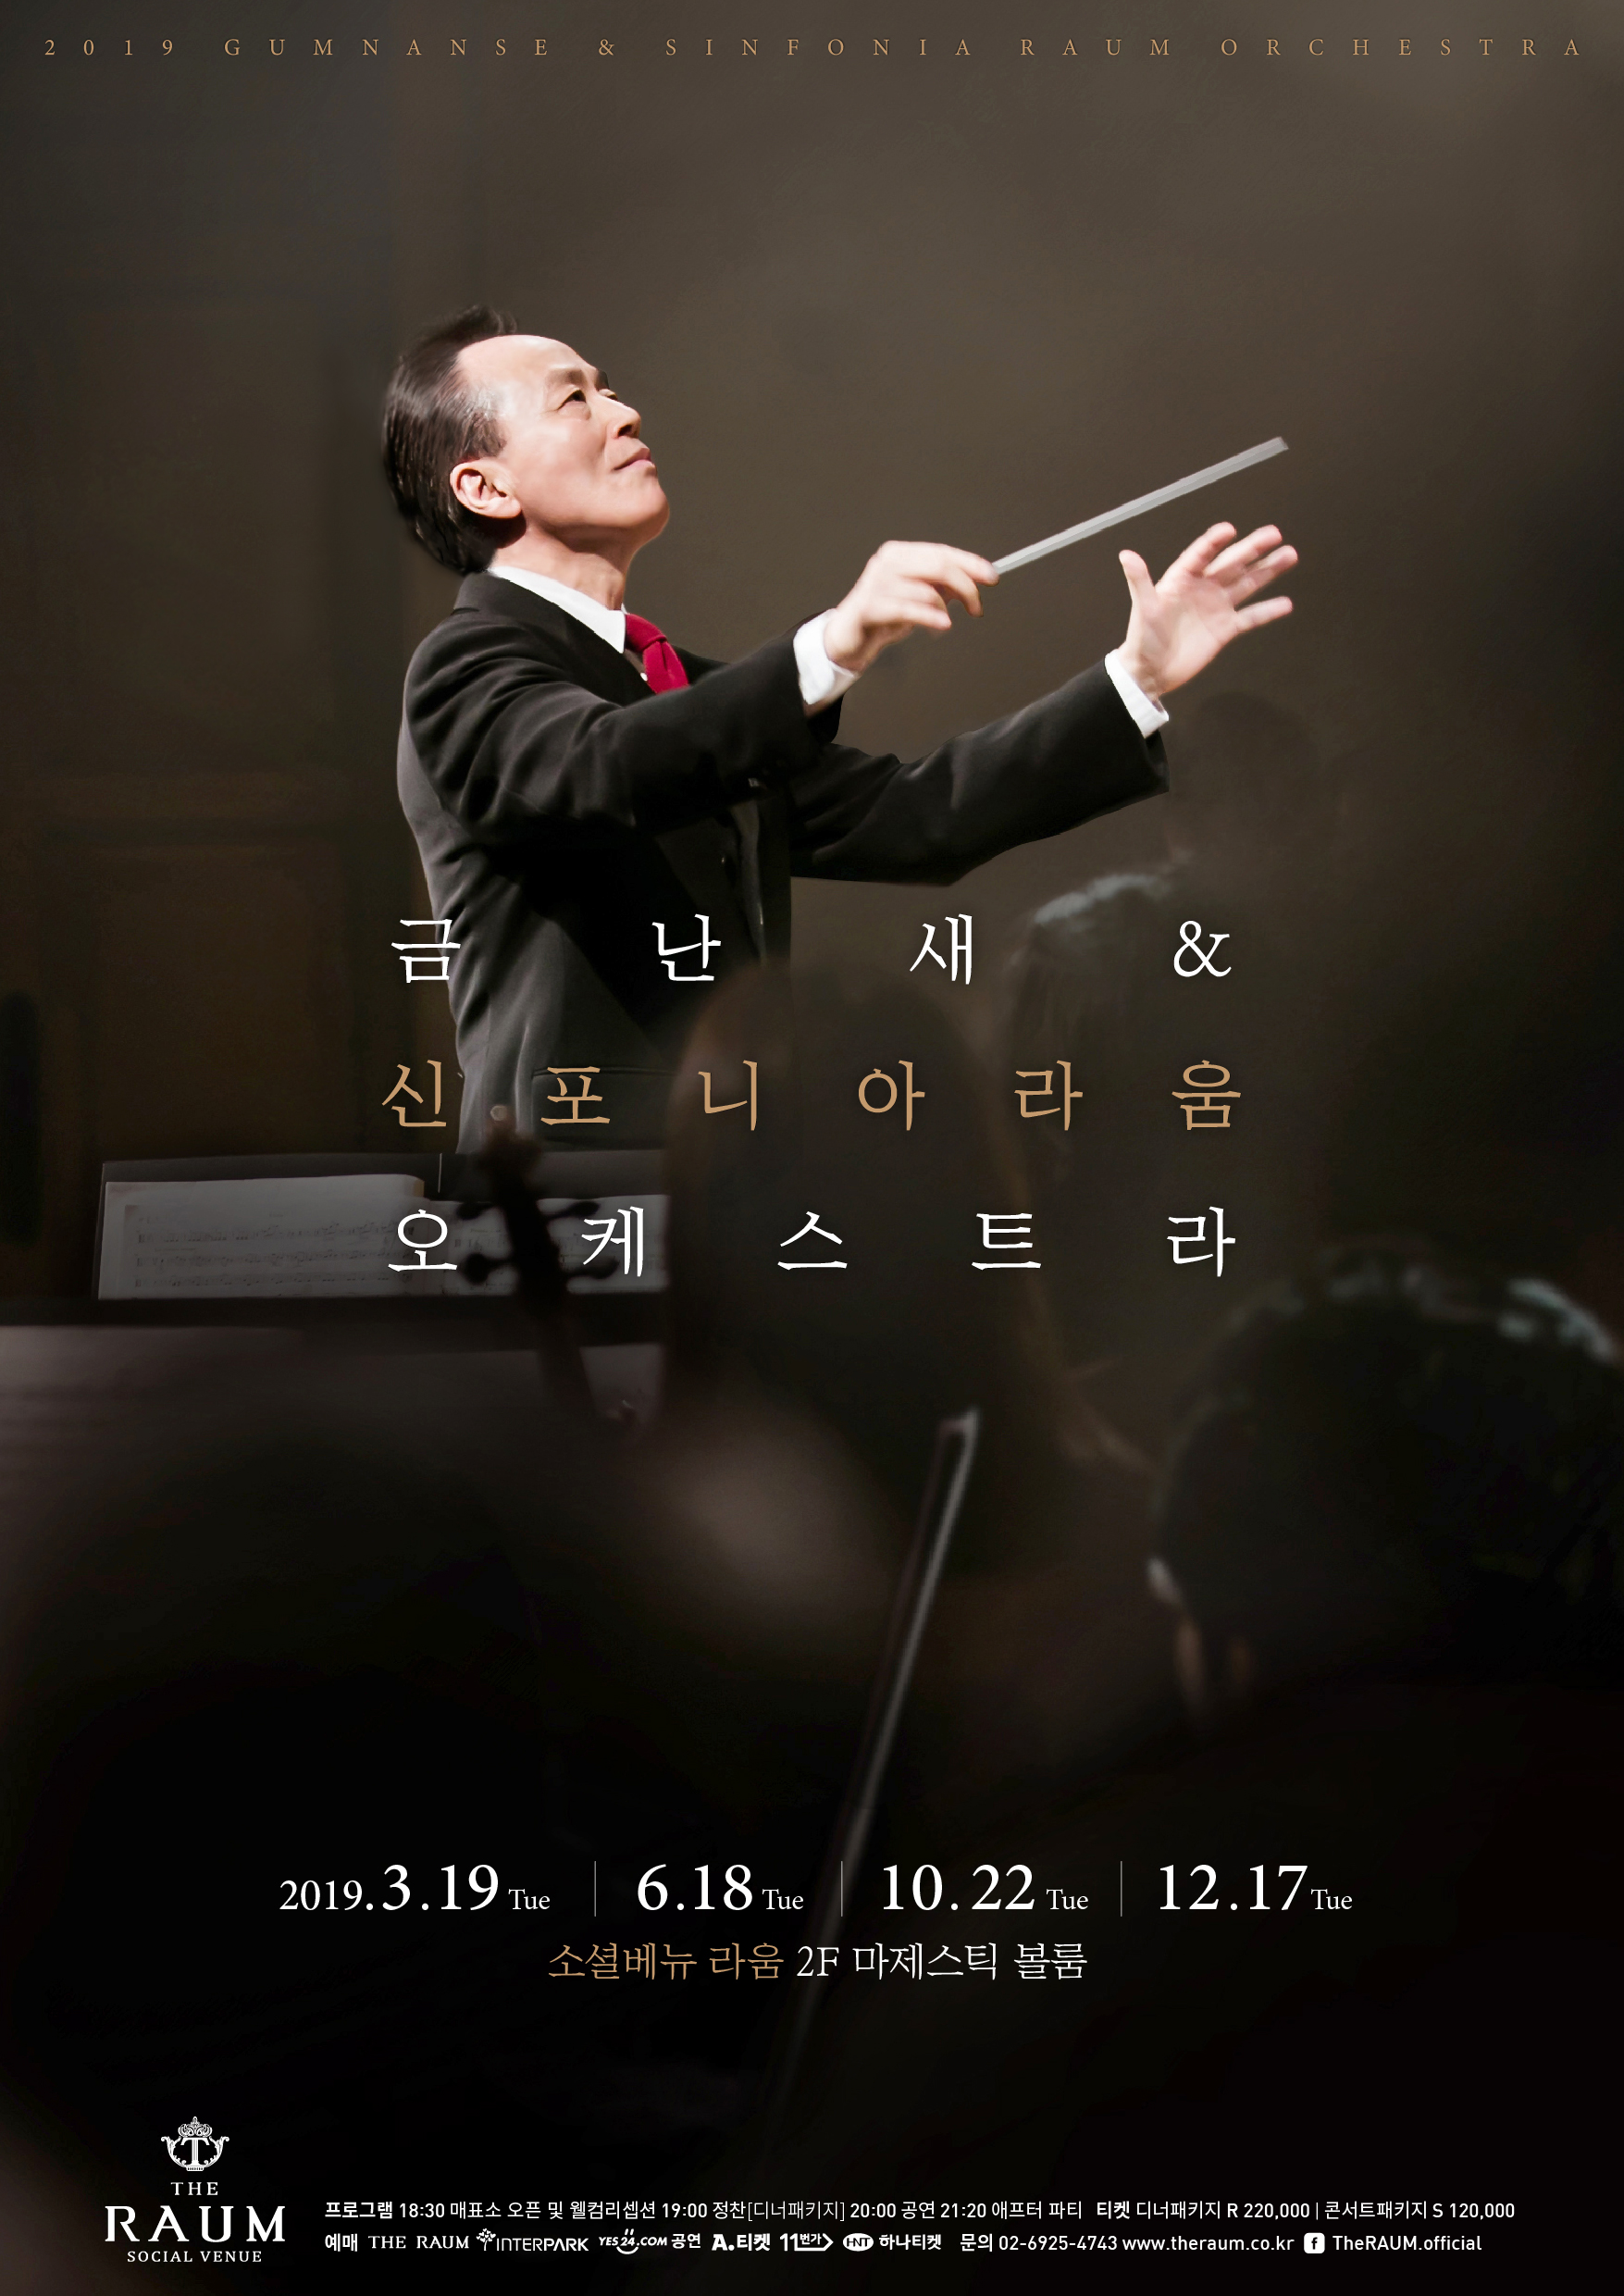 금난새 & 신포니아 라움 오케스트라 '정기연주회 Ⅲ'